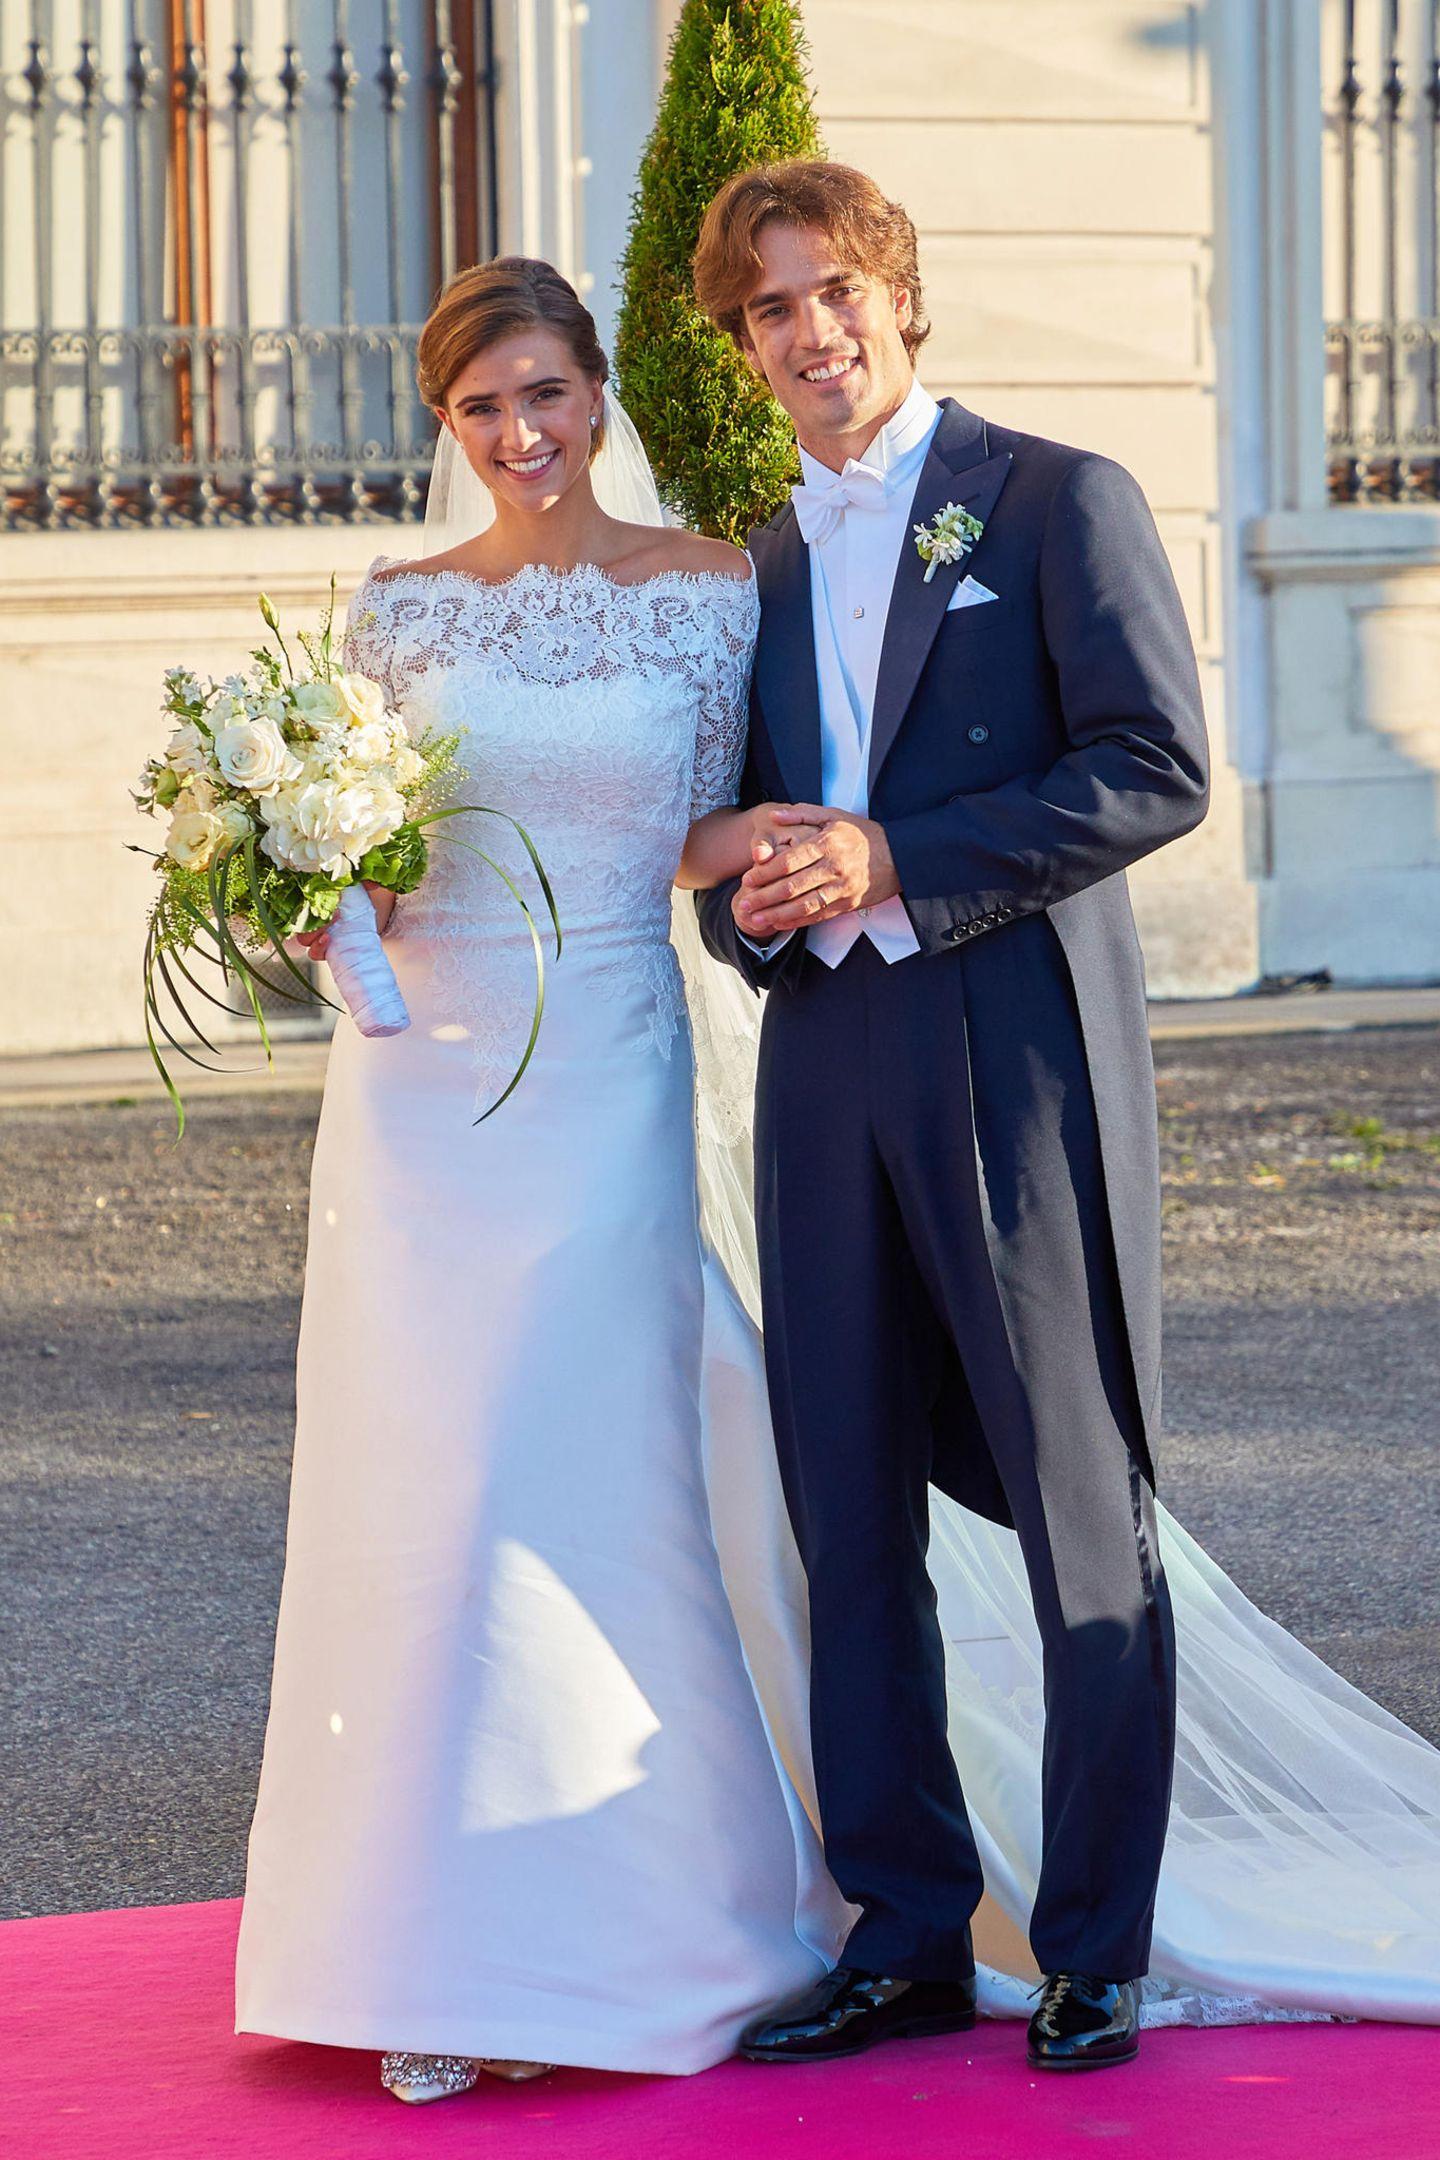 Traumhochzeit in Wien: Swarovski-Erbe Arturo Pacifico Griffini heiratet Sophia Doyle in der Jesuitenkirche. Die Braut zeigt sich an ihrem großen Tag natürlich von ihrer besten Seite und trägt ein wunderschönes Brautkleid samt Schleier.